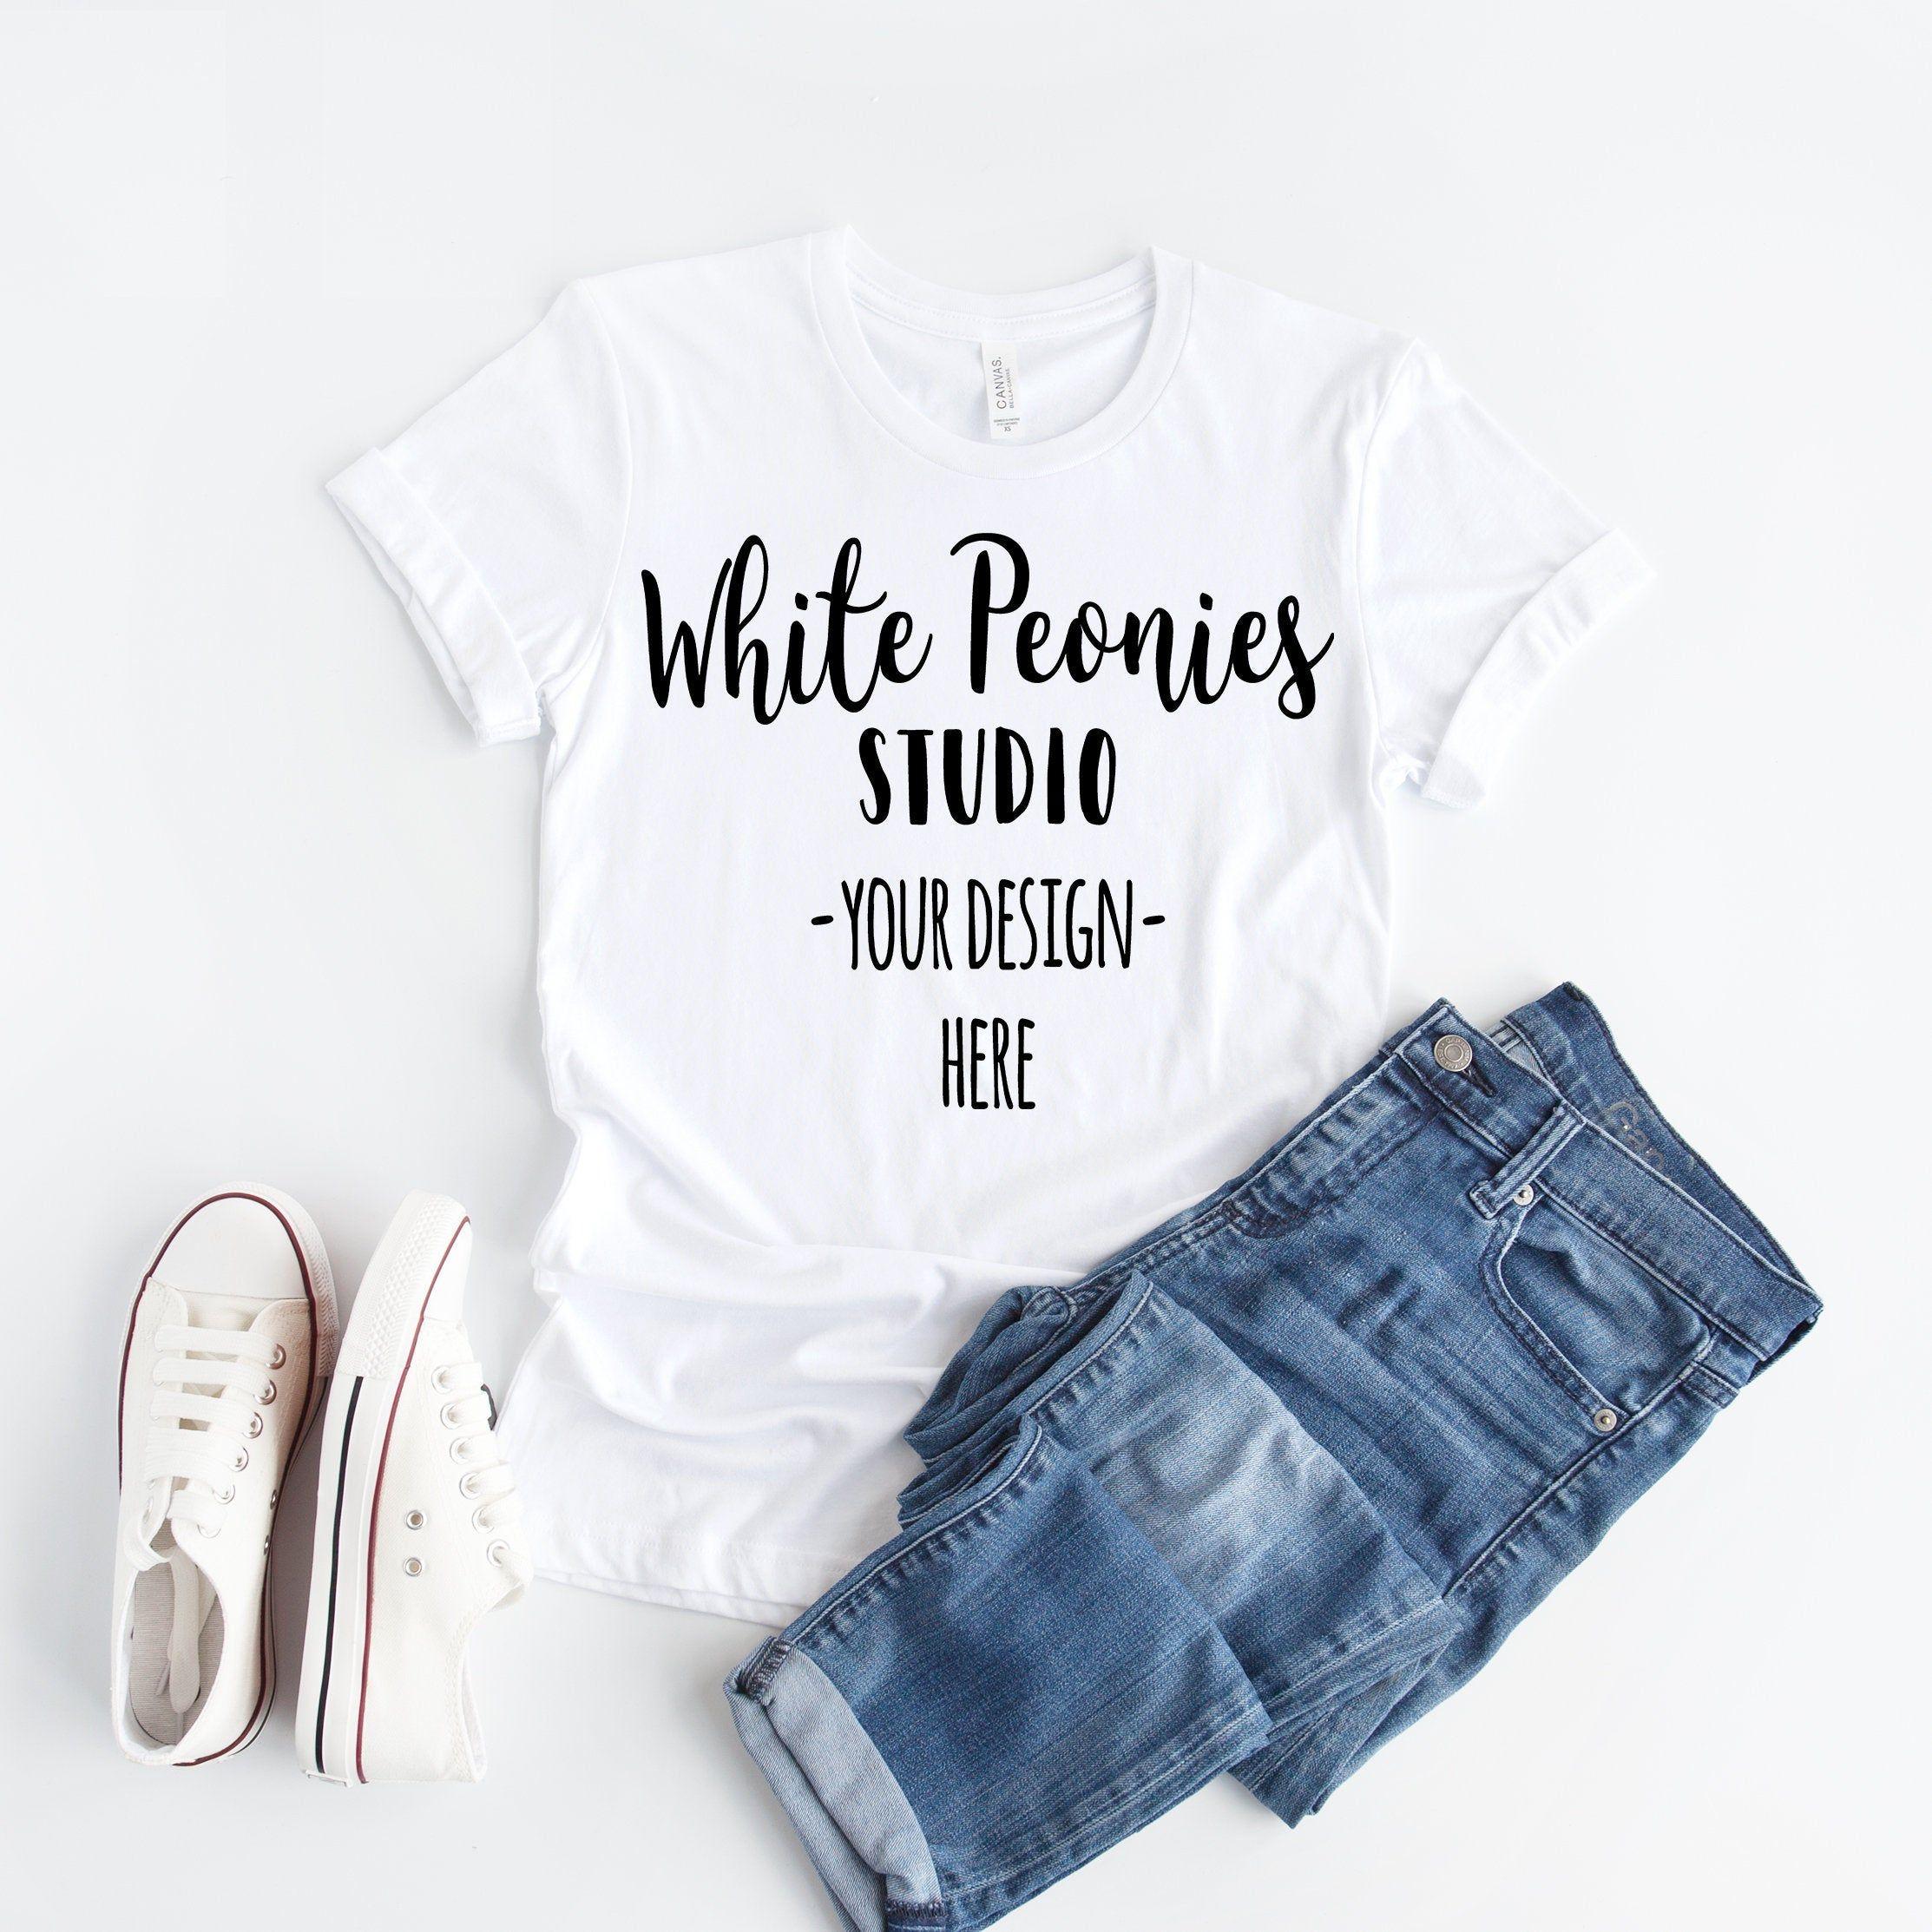 Download White Tshirt Mockup Bella Canvas Mockup Shirt Mockup Etsy In 2021 Shirt Mockup Tshirt Mockup Clothing Mockup